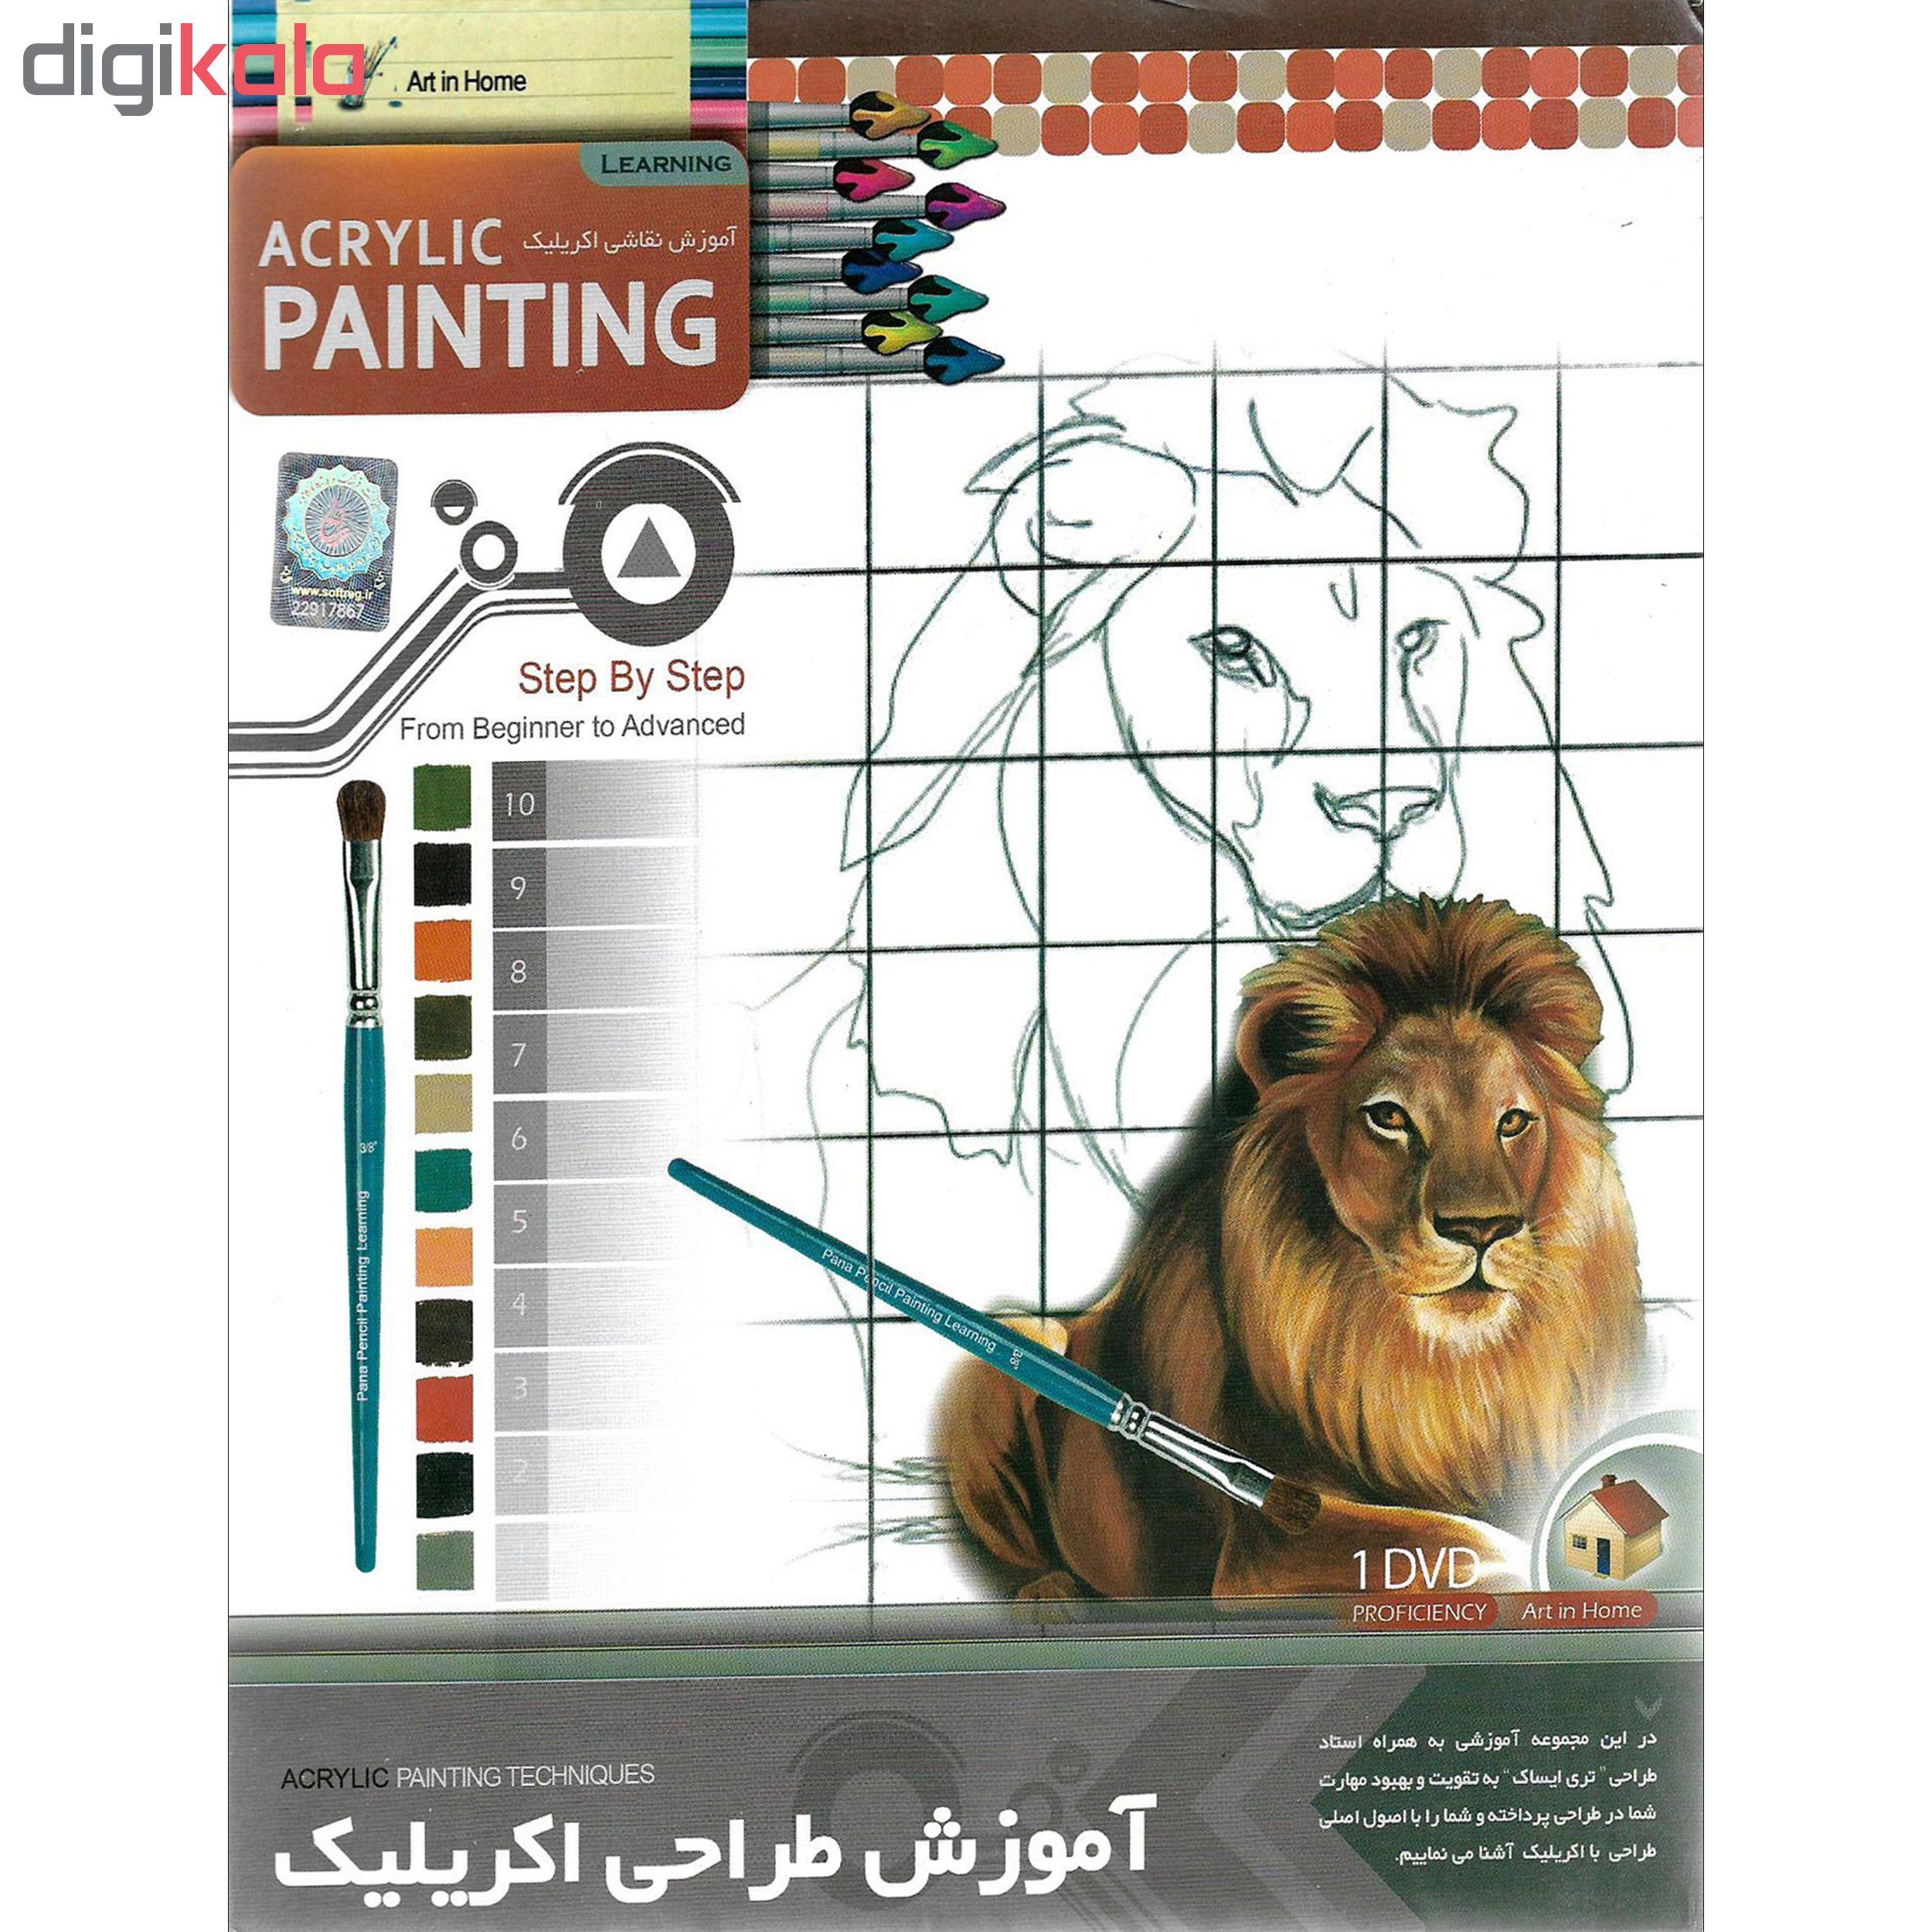 نرم افزار آموزش طراحی اکریلیک نشر پانا به همراه نرم افزار آموزش طراحی با زغال نشر پانا